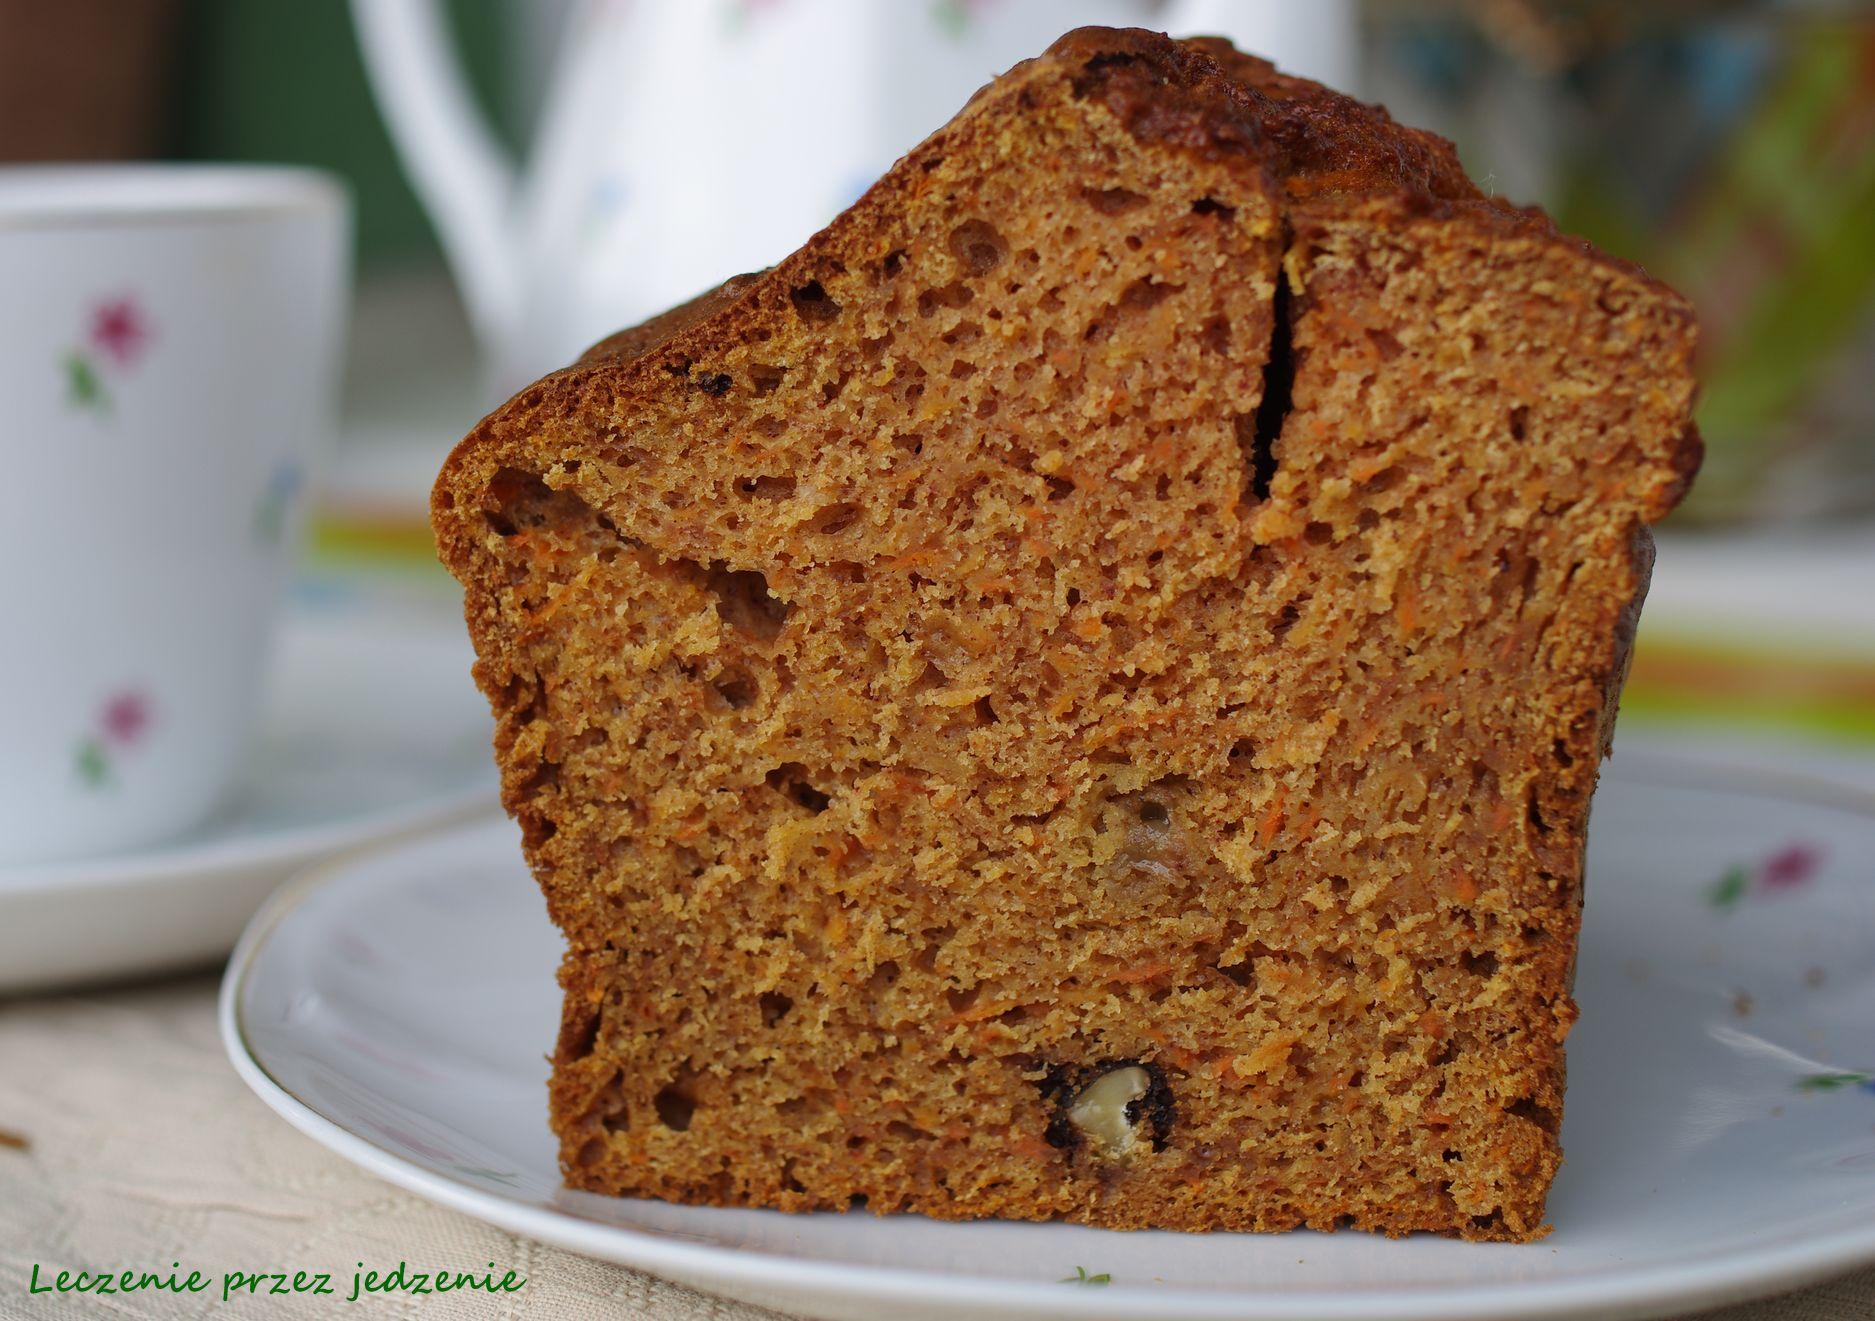 Marchewkowe ciasto bez oleju leczenieprzezjedzenie warszawadietetyk